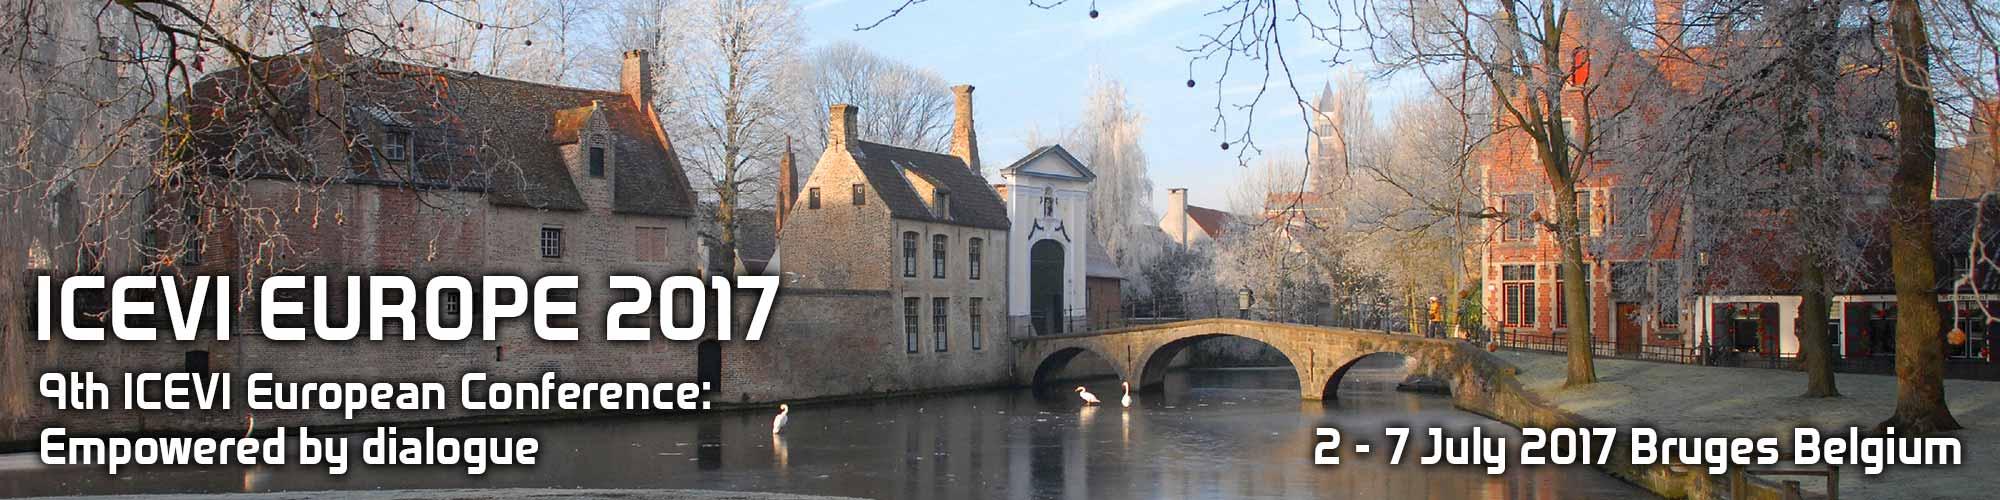 foto Brugge